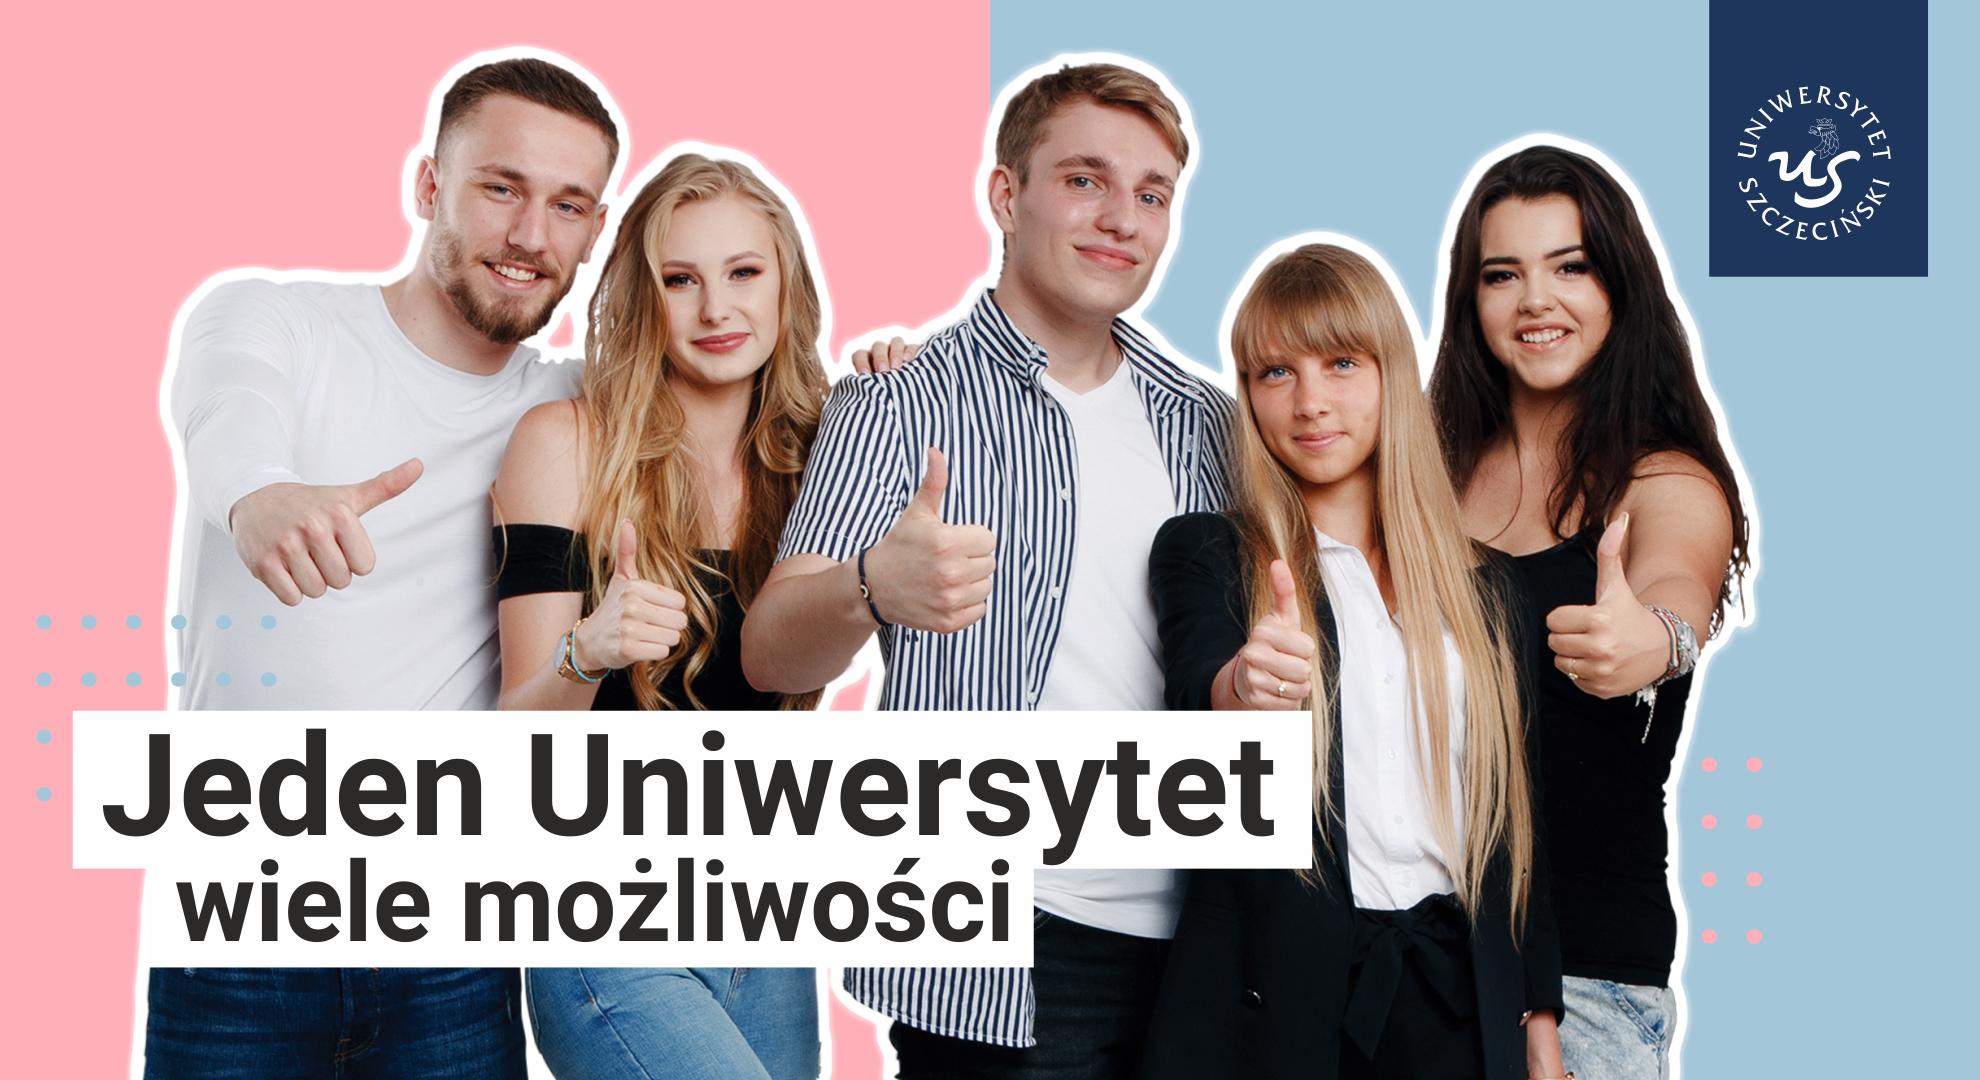 Ruszyła rekrutacja na studia na Uniwersytecie Szczecińskim